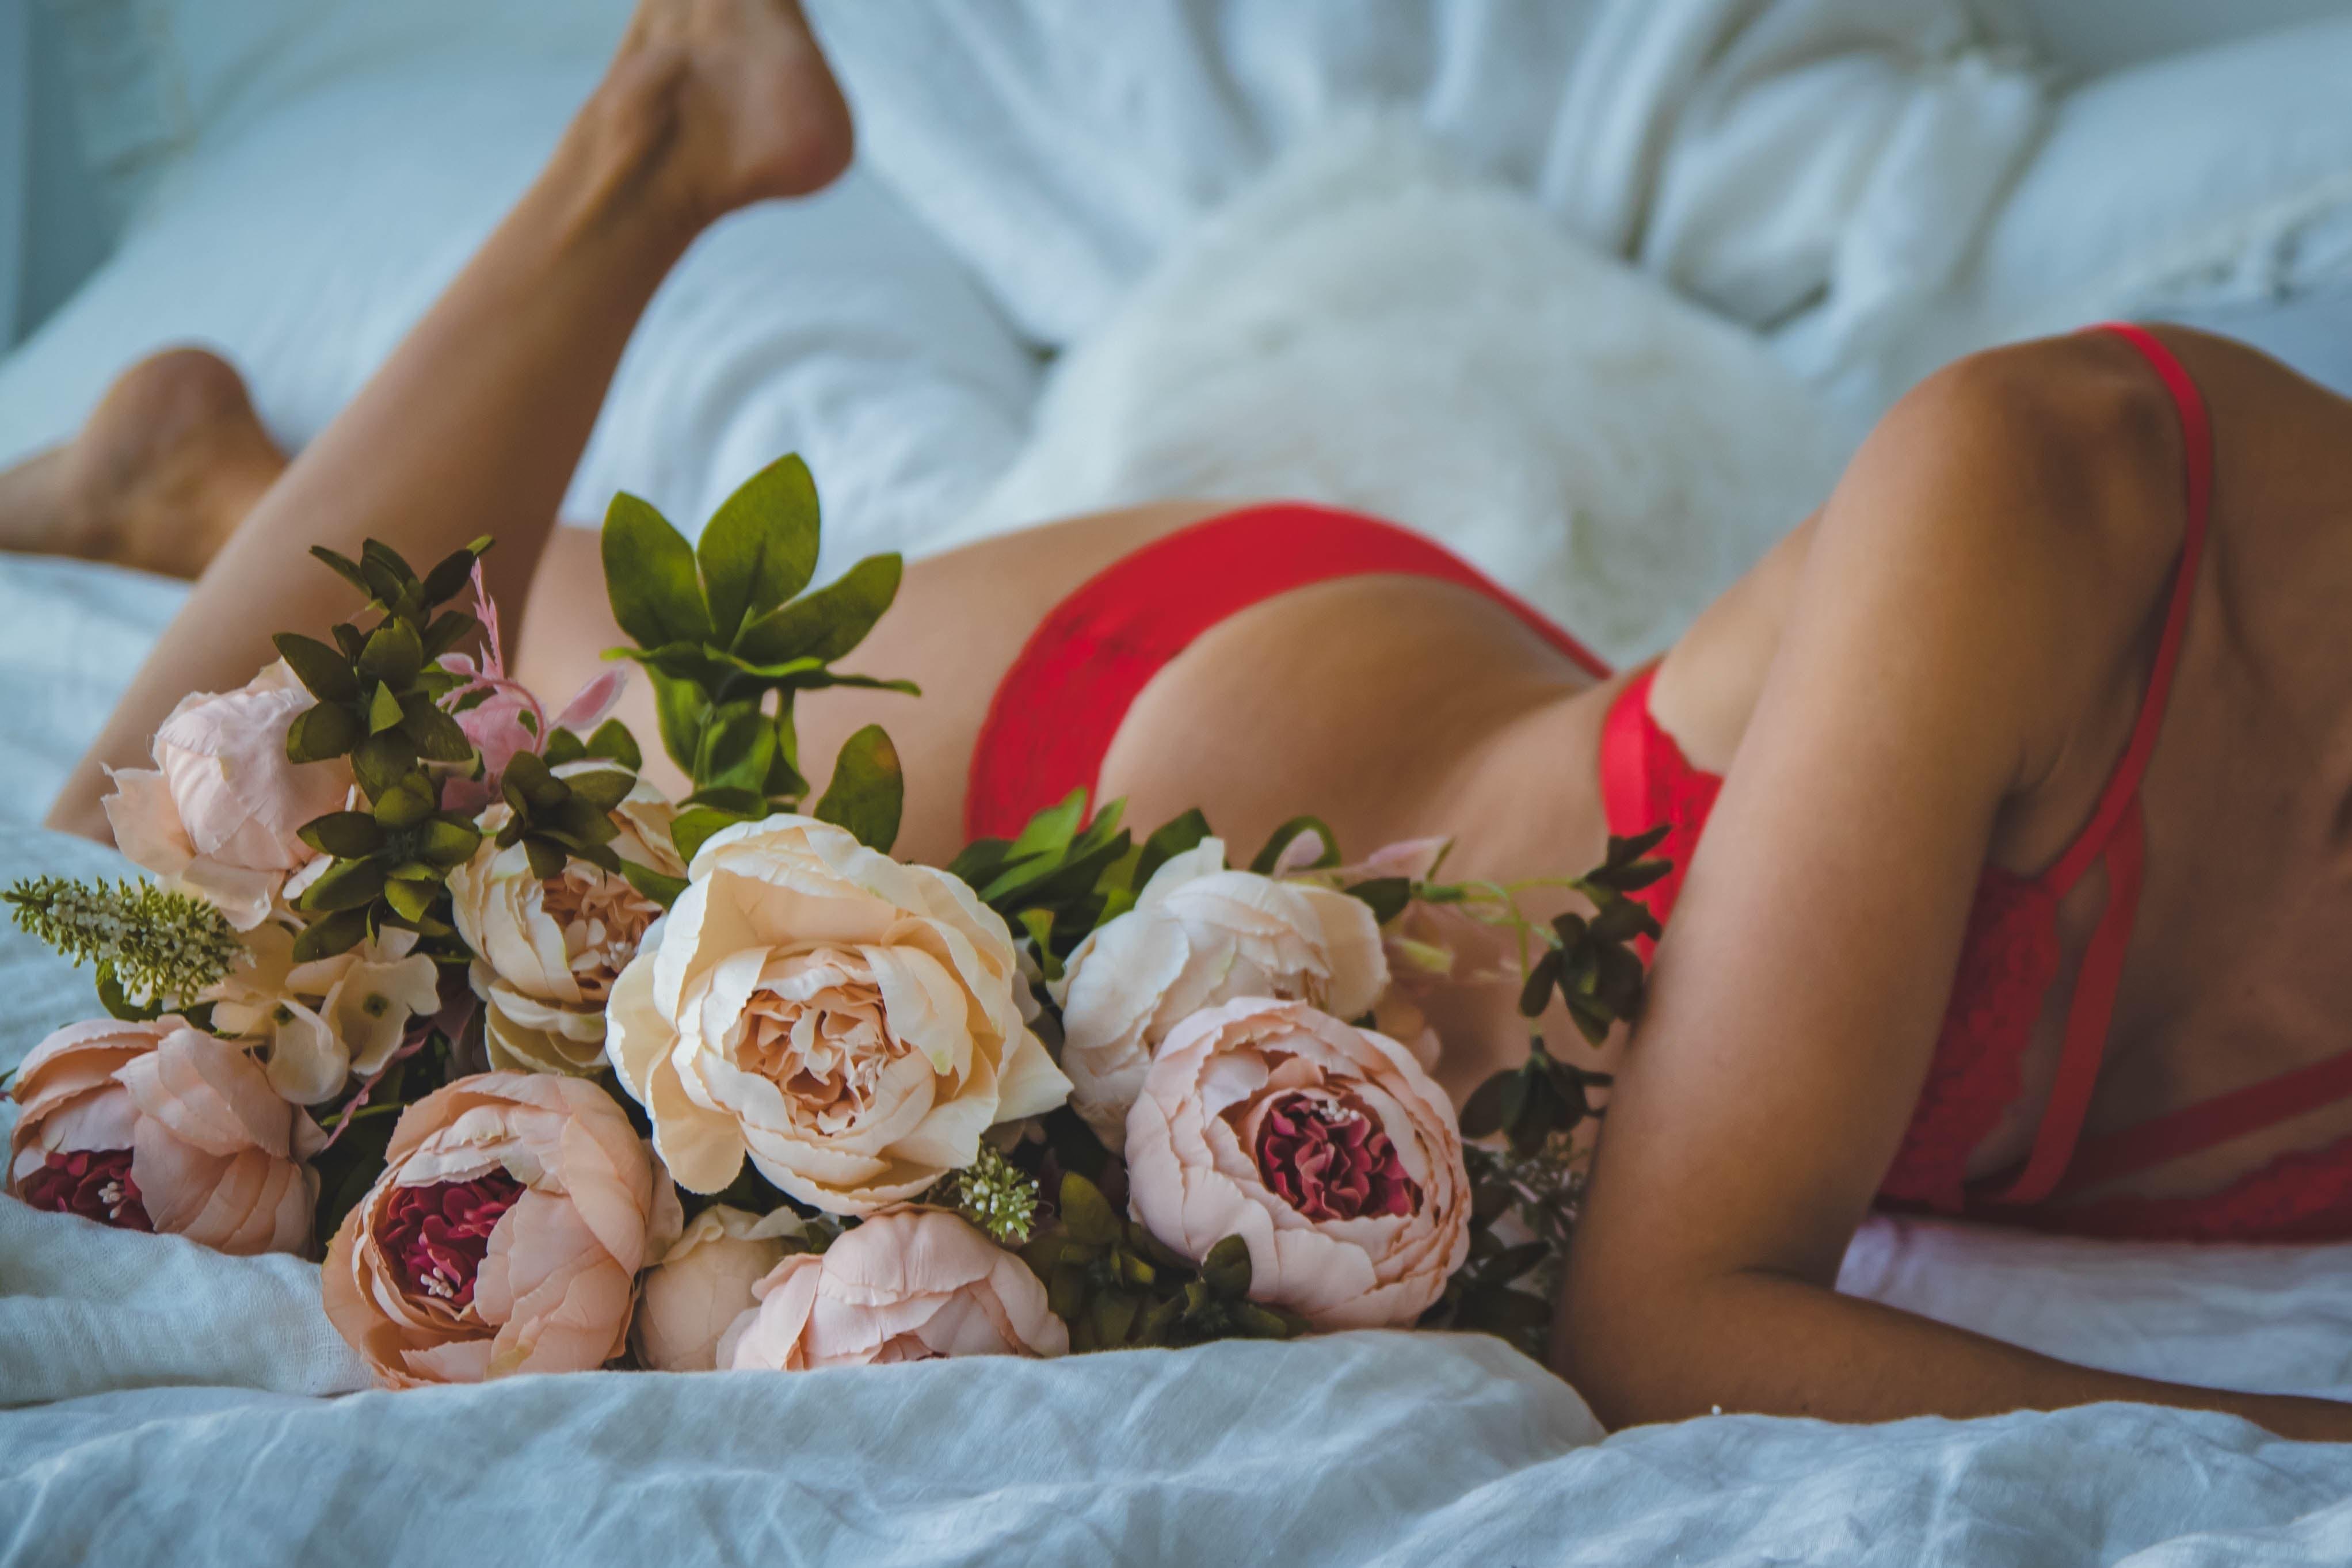 セックスレスと性交痛に悩む女性の画像